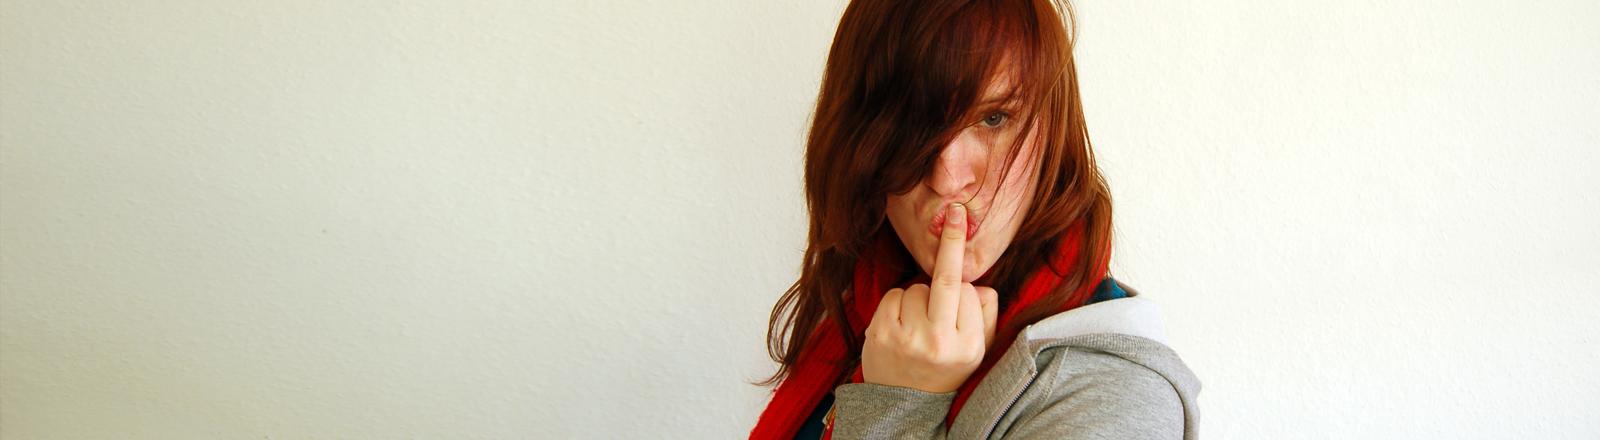 Eine Frau nimmt Abschied und zeigt dabei den Mittelfinger. Vielleicht denkt sie sich auch: Fickt euch alle.